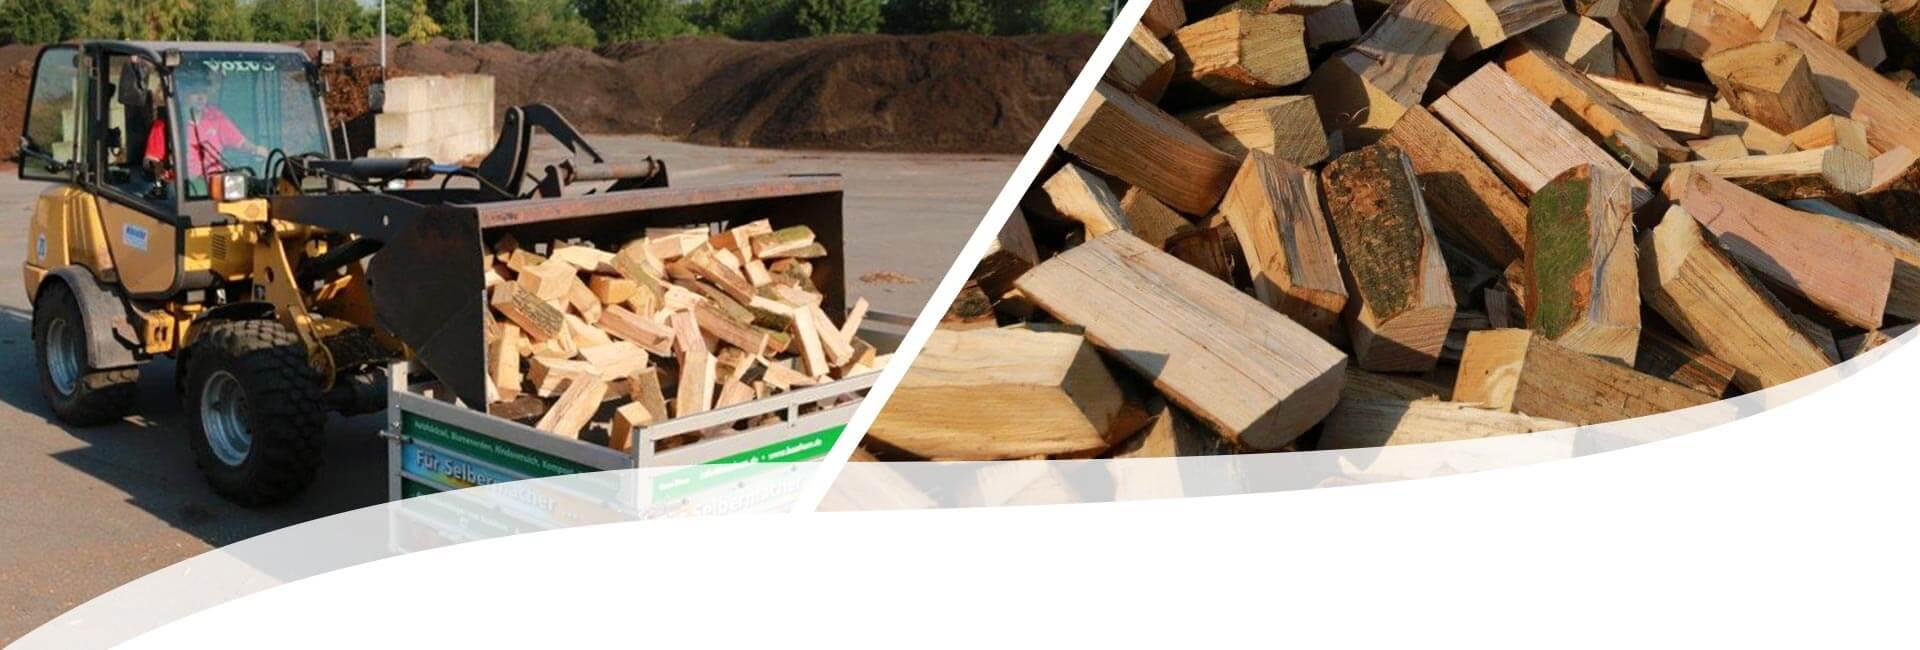 Unsere Produkte für Wachstum und Behaglichkeit